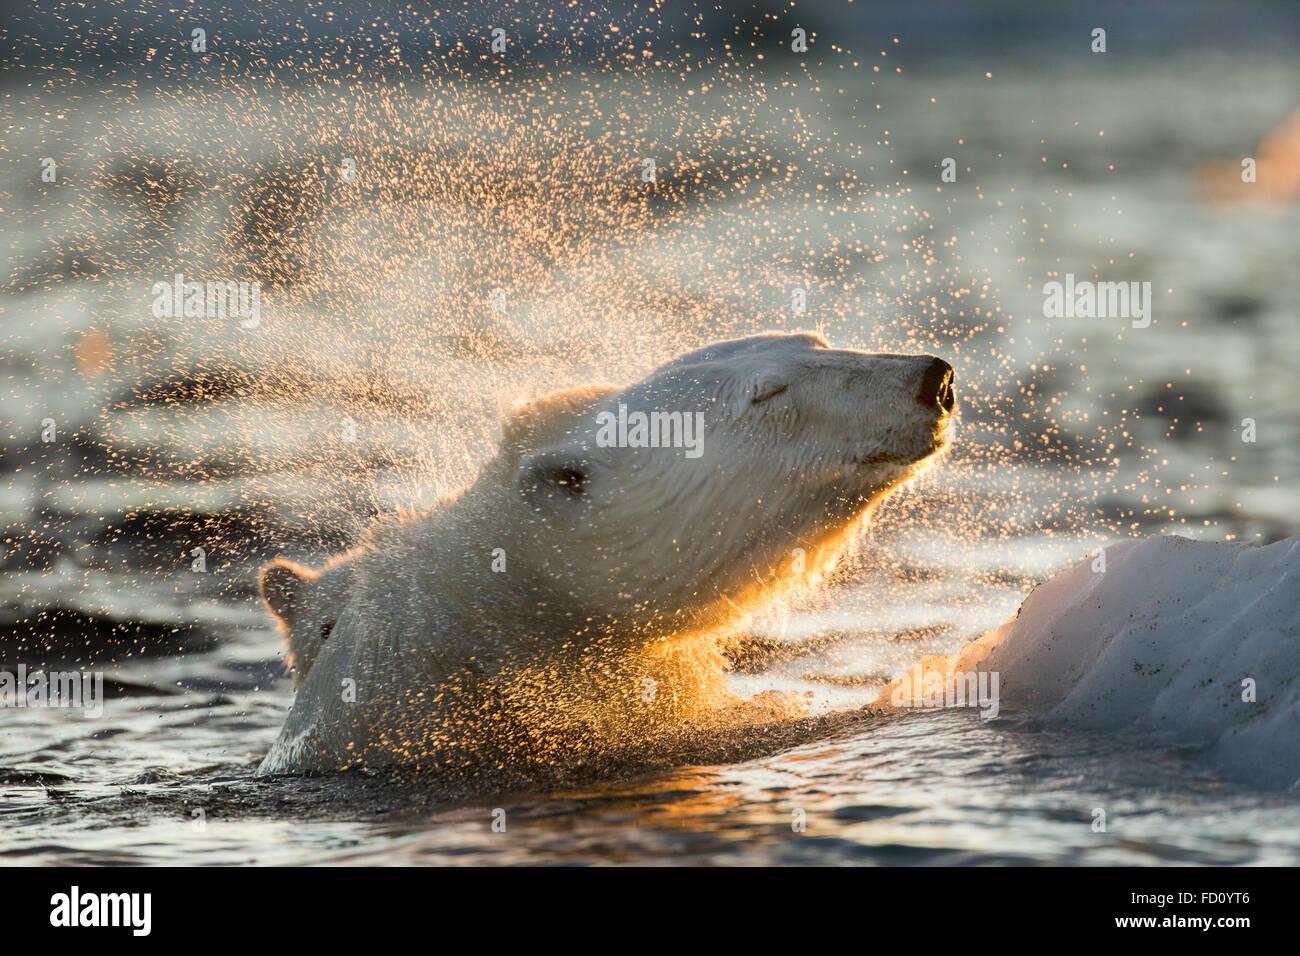 Canadá, Territorio de Nunavut, Bahía Repulse, el oso polar (Ursus maritimus) sacude el agua desde el barco mientras nadan en el mar de hielo cerca de H Foto de stock